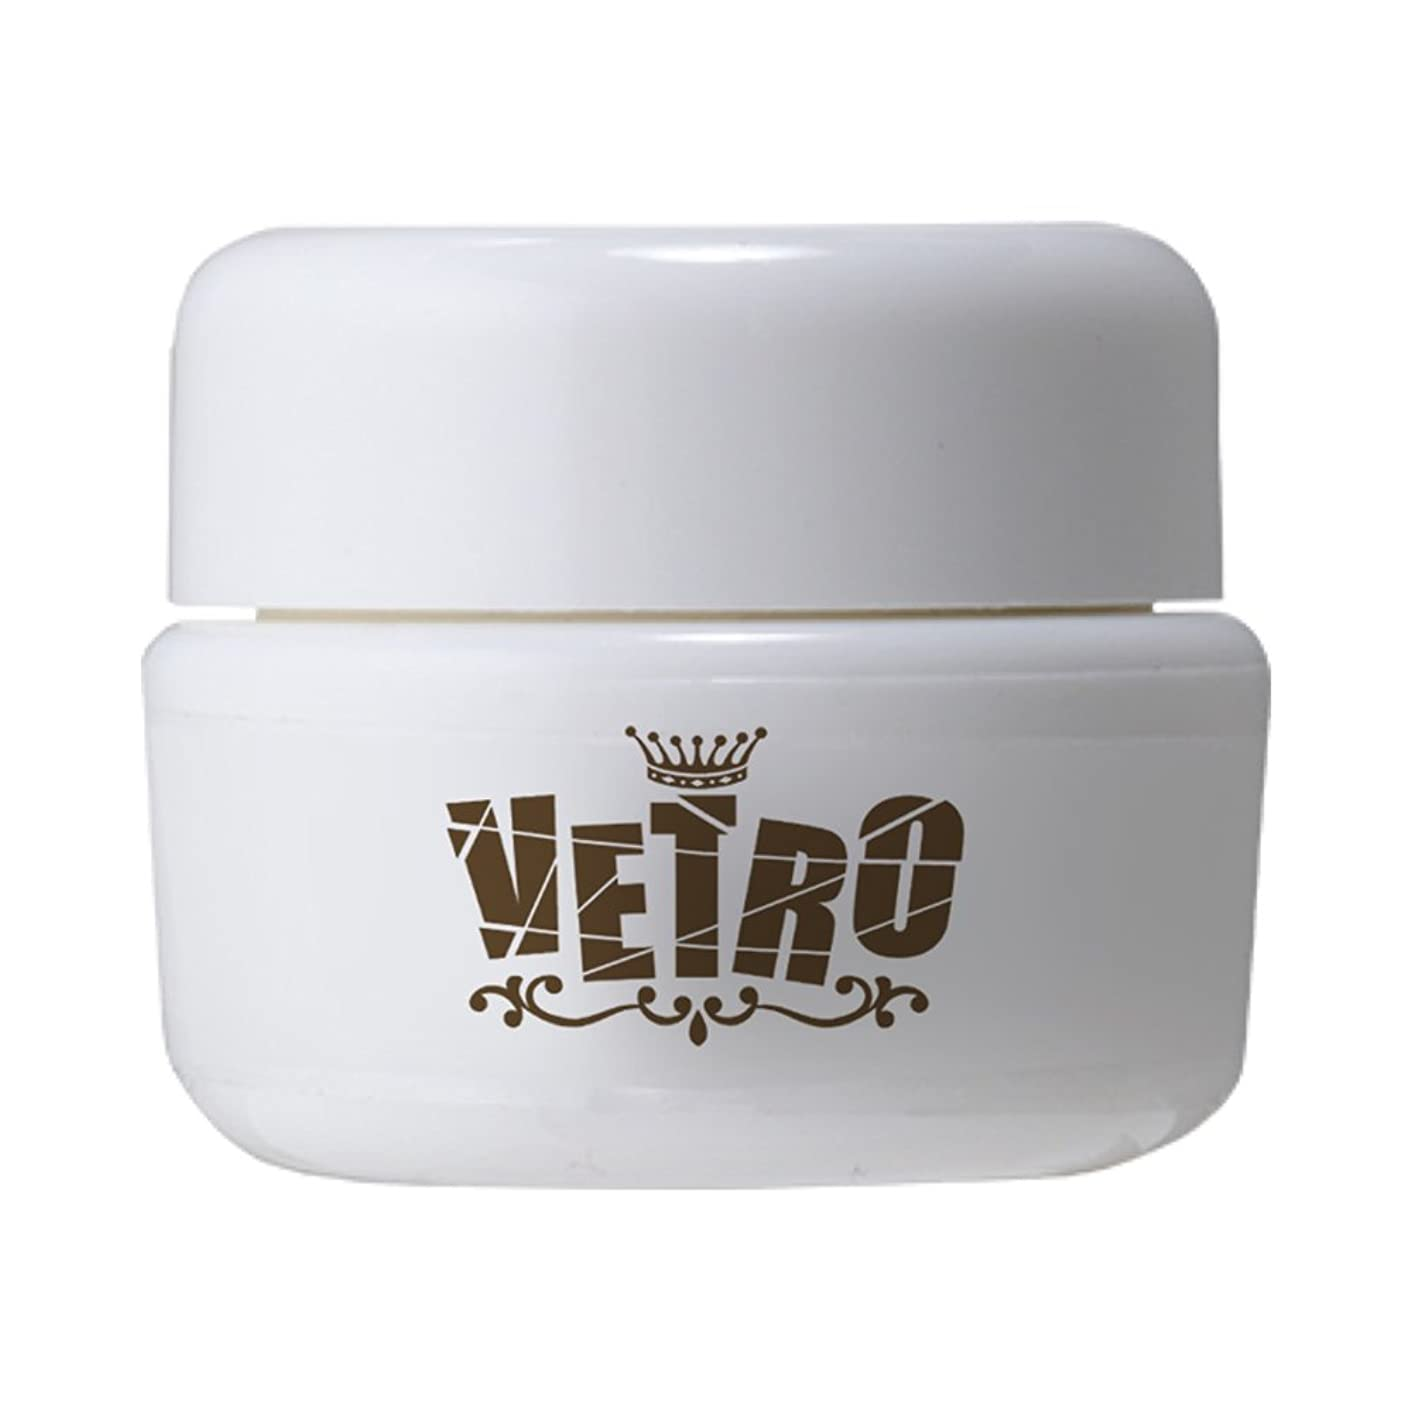 家庭教師努力する確立VETRO No.19 カラージェル マット VL410 ヌード 4ml